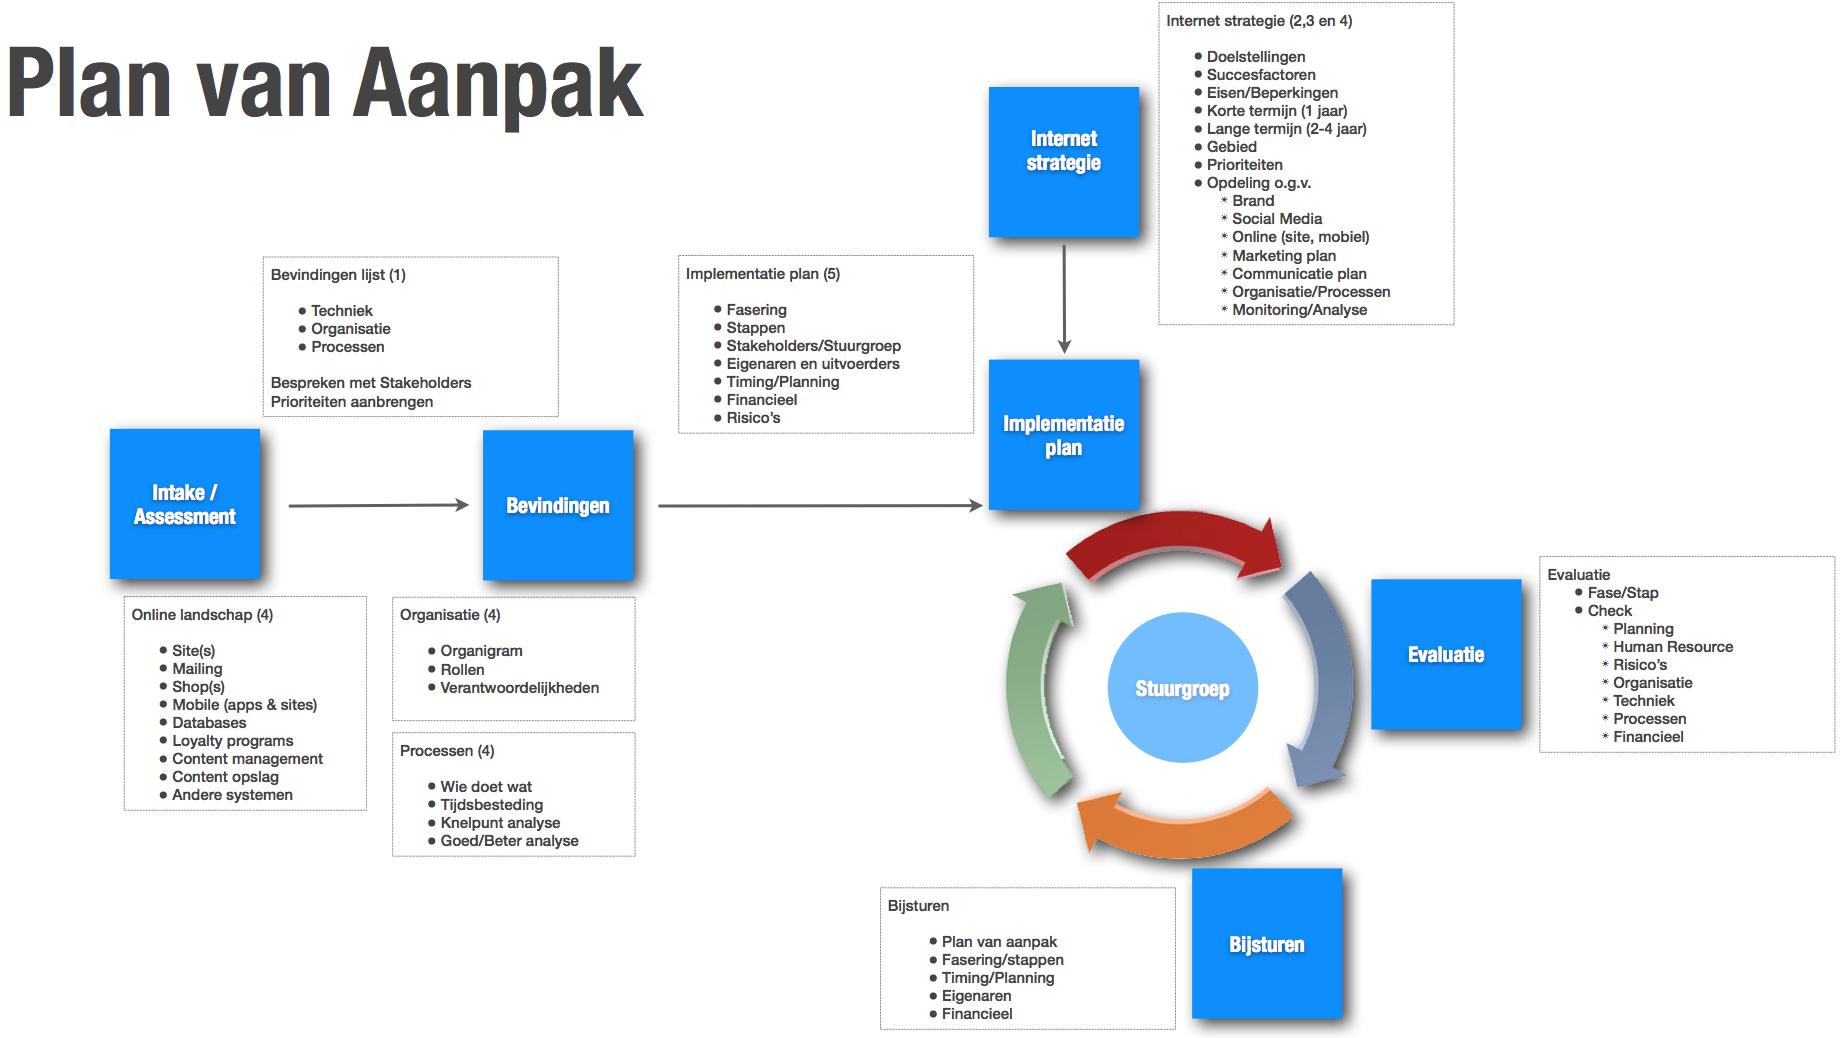 plan van aanpak translate Plan van aanpak business plan plan van aanpak translate